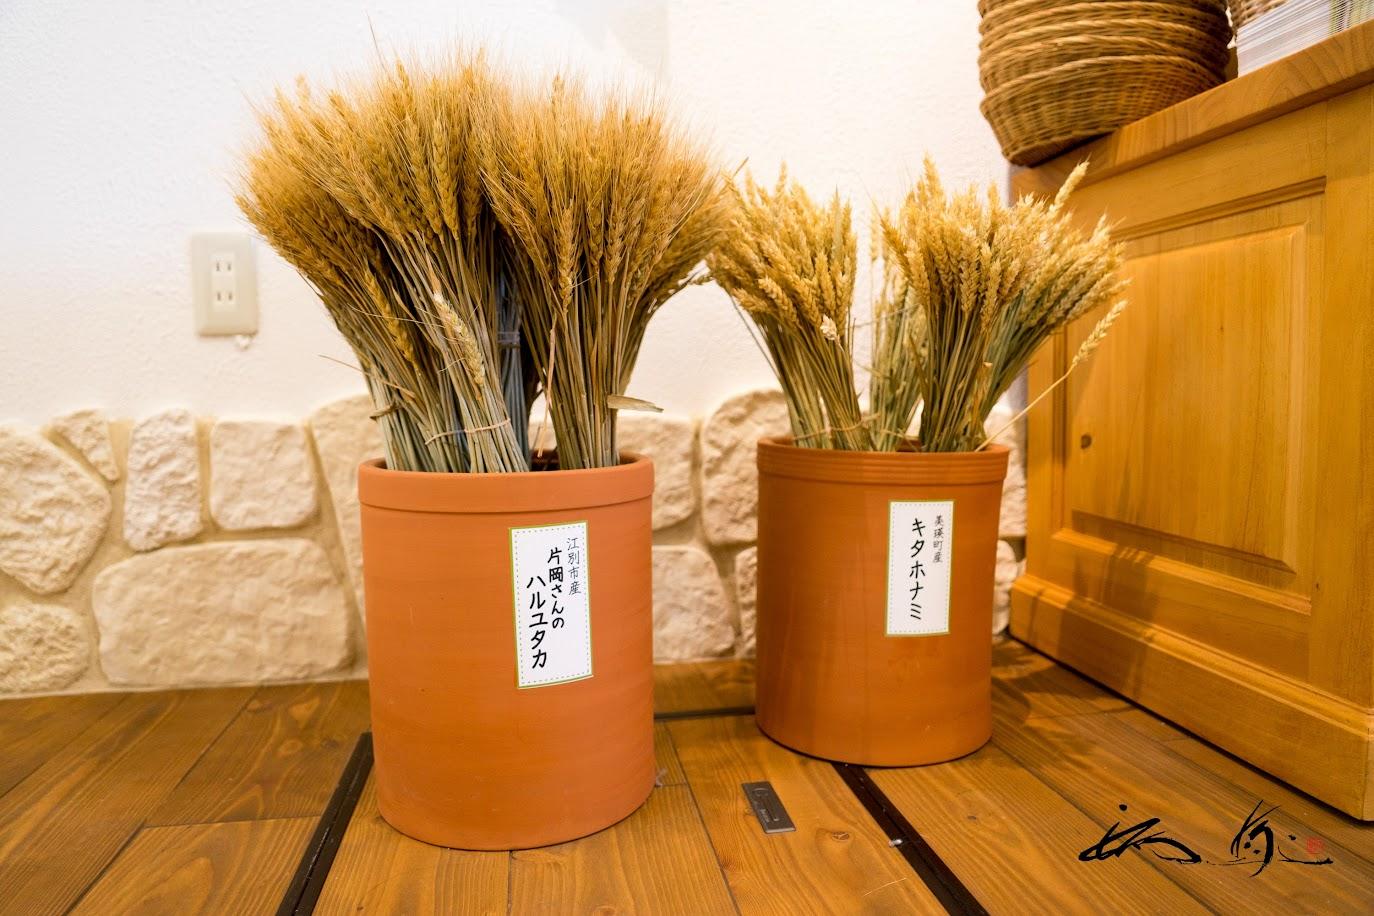 小麦(美瑛産キタホナミ、江別市産ハルユタカ)